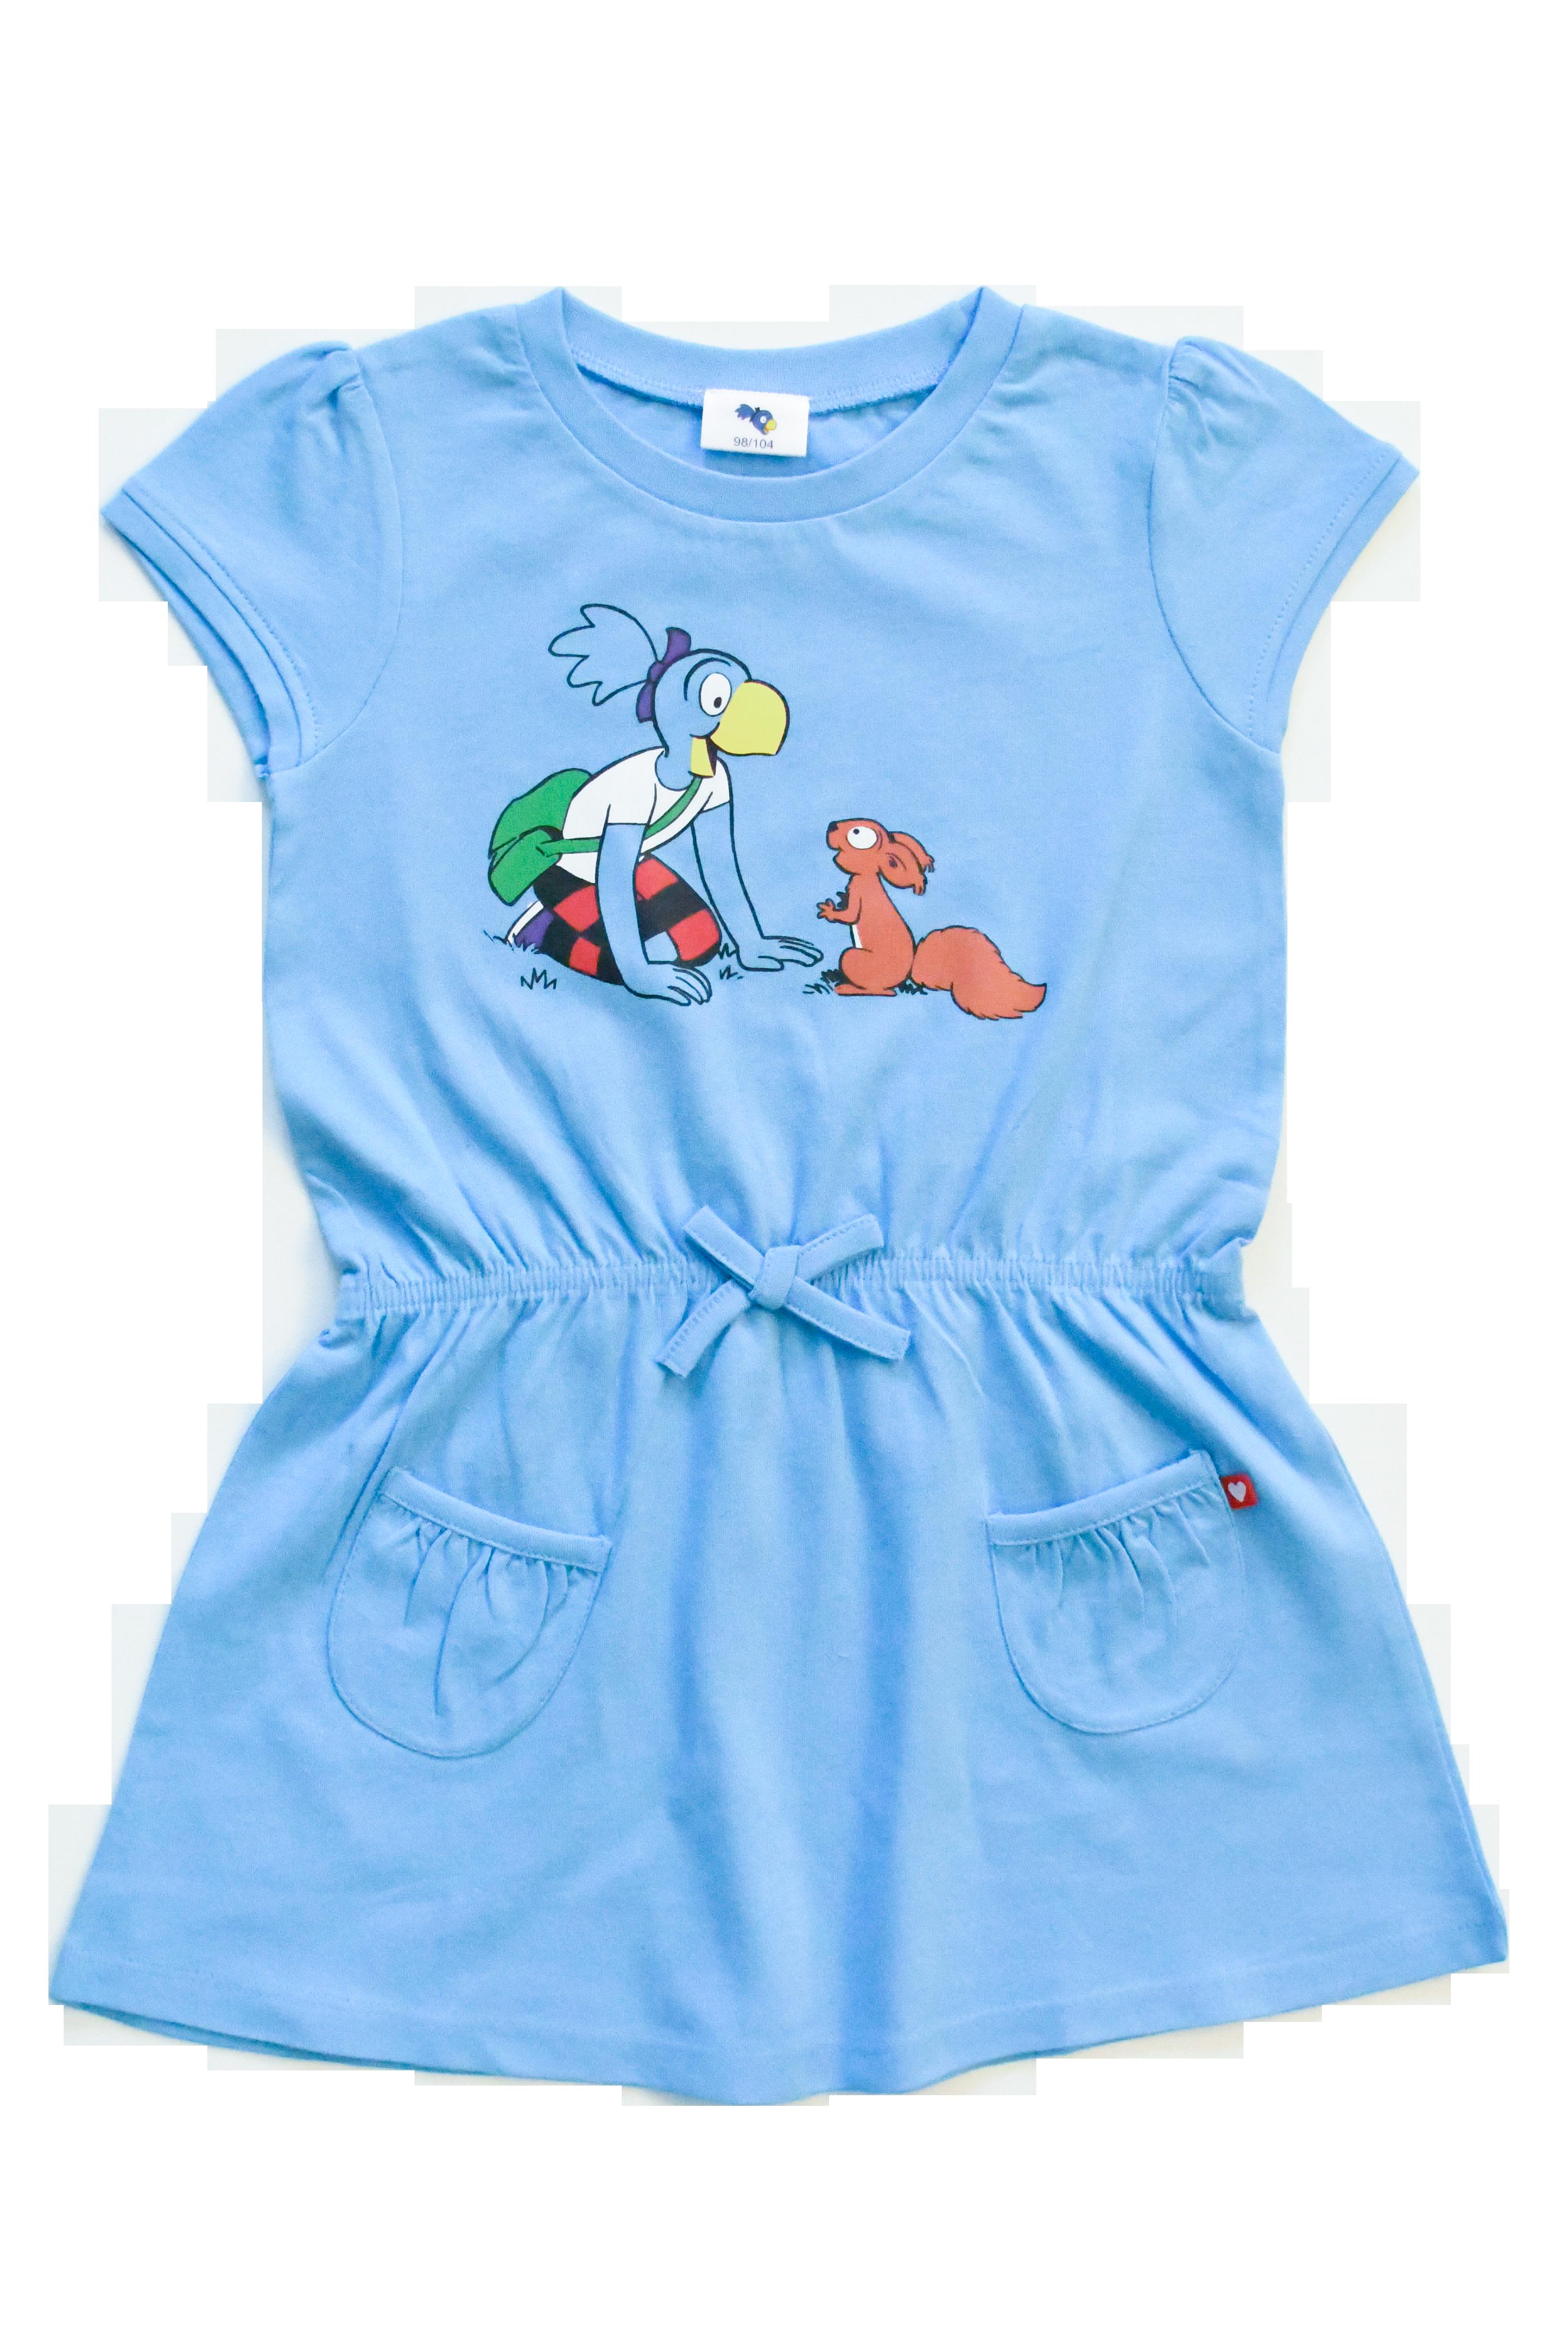 Globine Kleid blau 110/116